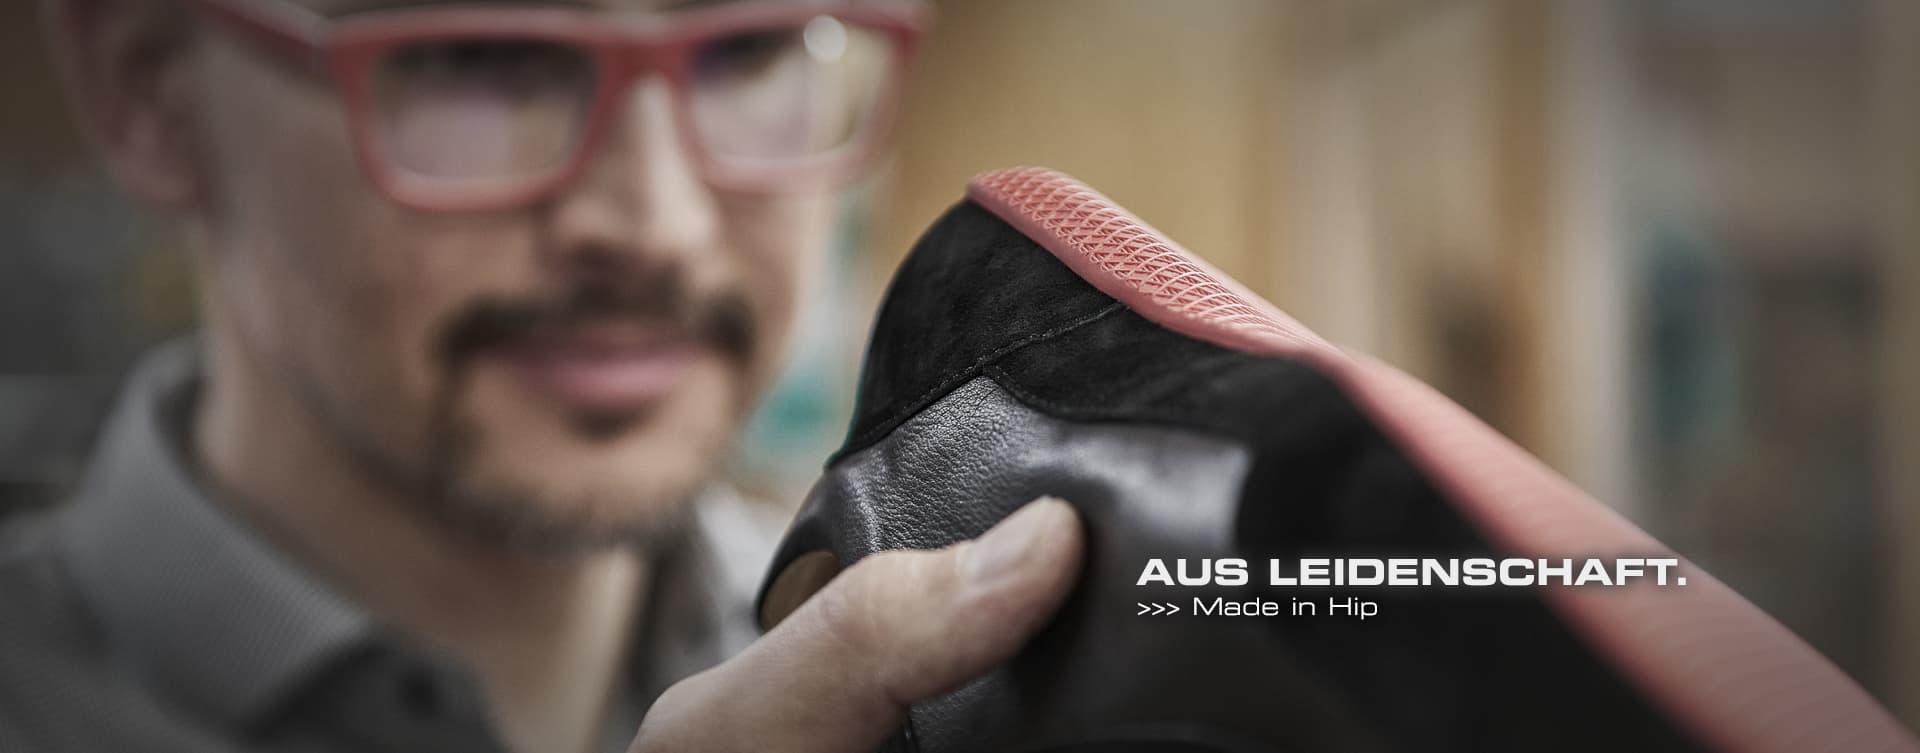 In Konsequenz ist jeder Schuh, jedes Accessoire, das unsere Manufaktur verlässt, auf höchstem Niveau von Hand gefertigt. Bei unseren Vitallo-Schuhen zeigt sich dies durch ein charakteristisches Detail: Bei jedem unserer Modelle verbindet eine von Hand eingestochene Naht die Zwischensohle mit dem Schaft.